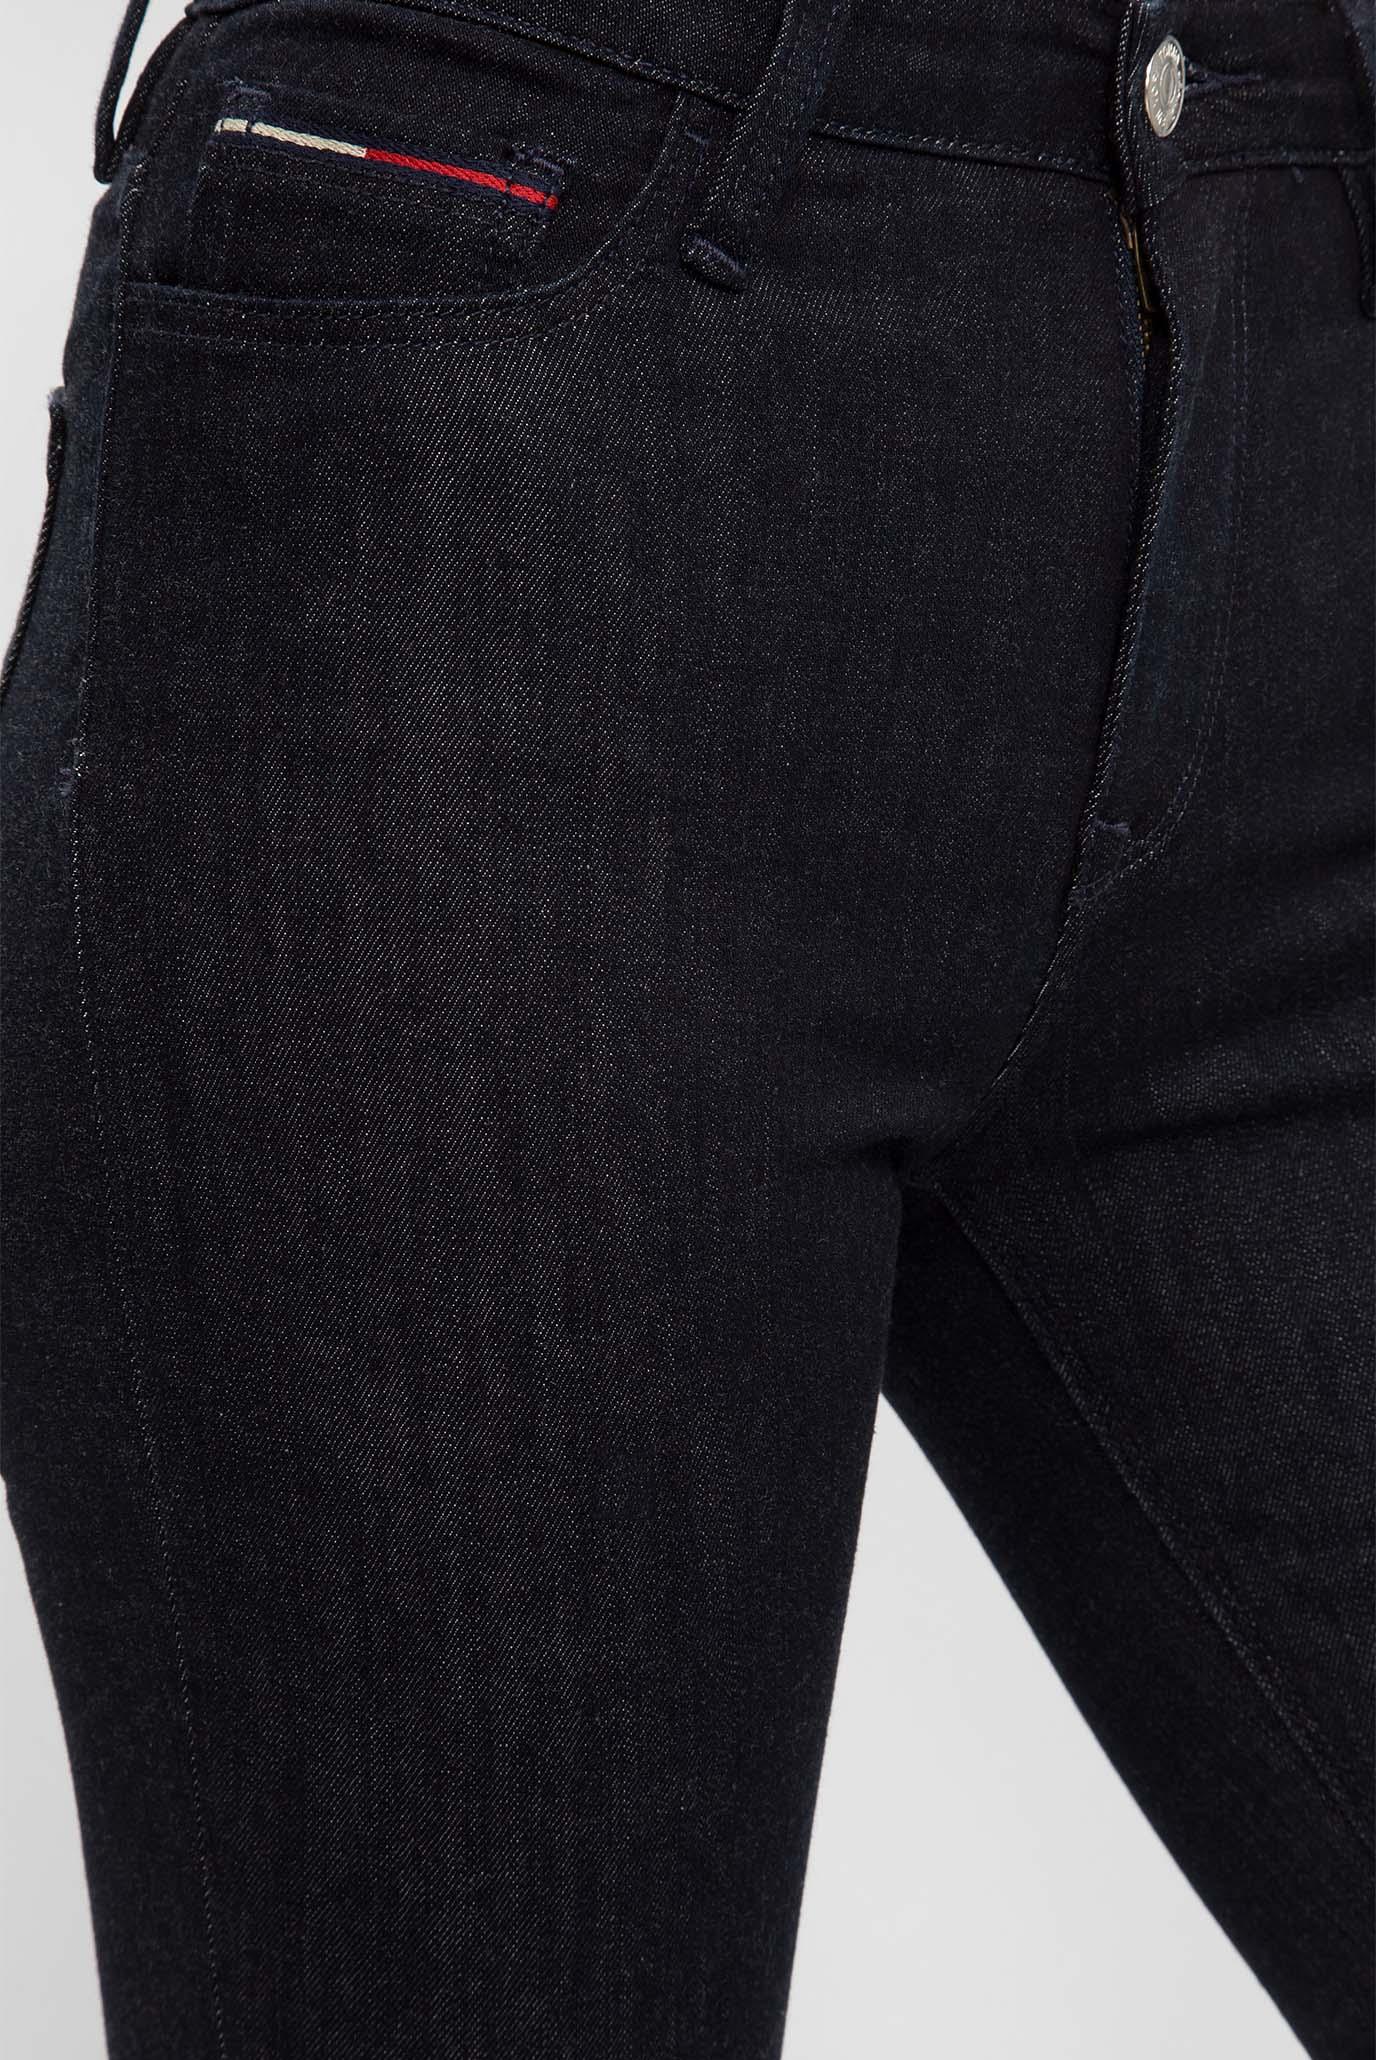 Купить Женские темно-синие джинсы HIGH RISE SKINNY SANTANA NRST Tommy Hilfiger Tommy Hilfiger DW0DW03974 – Киев, Украина. Цены в интернет магазине MD Fashion